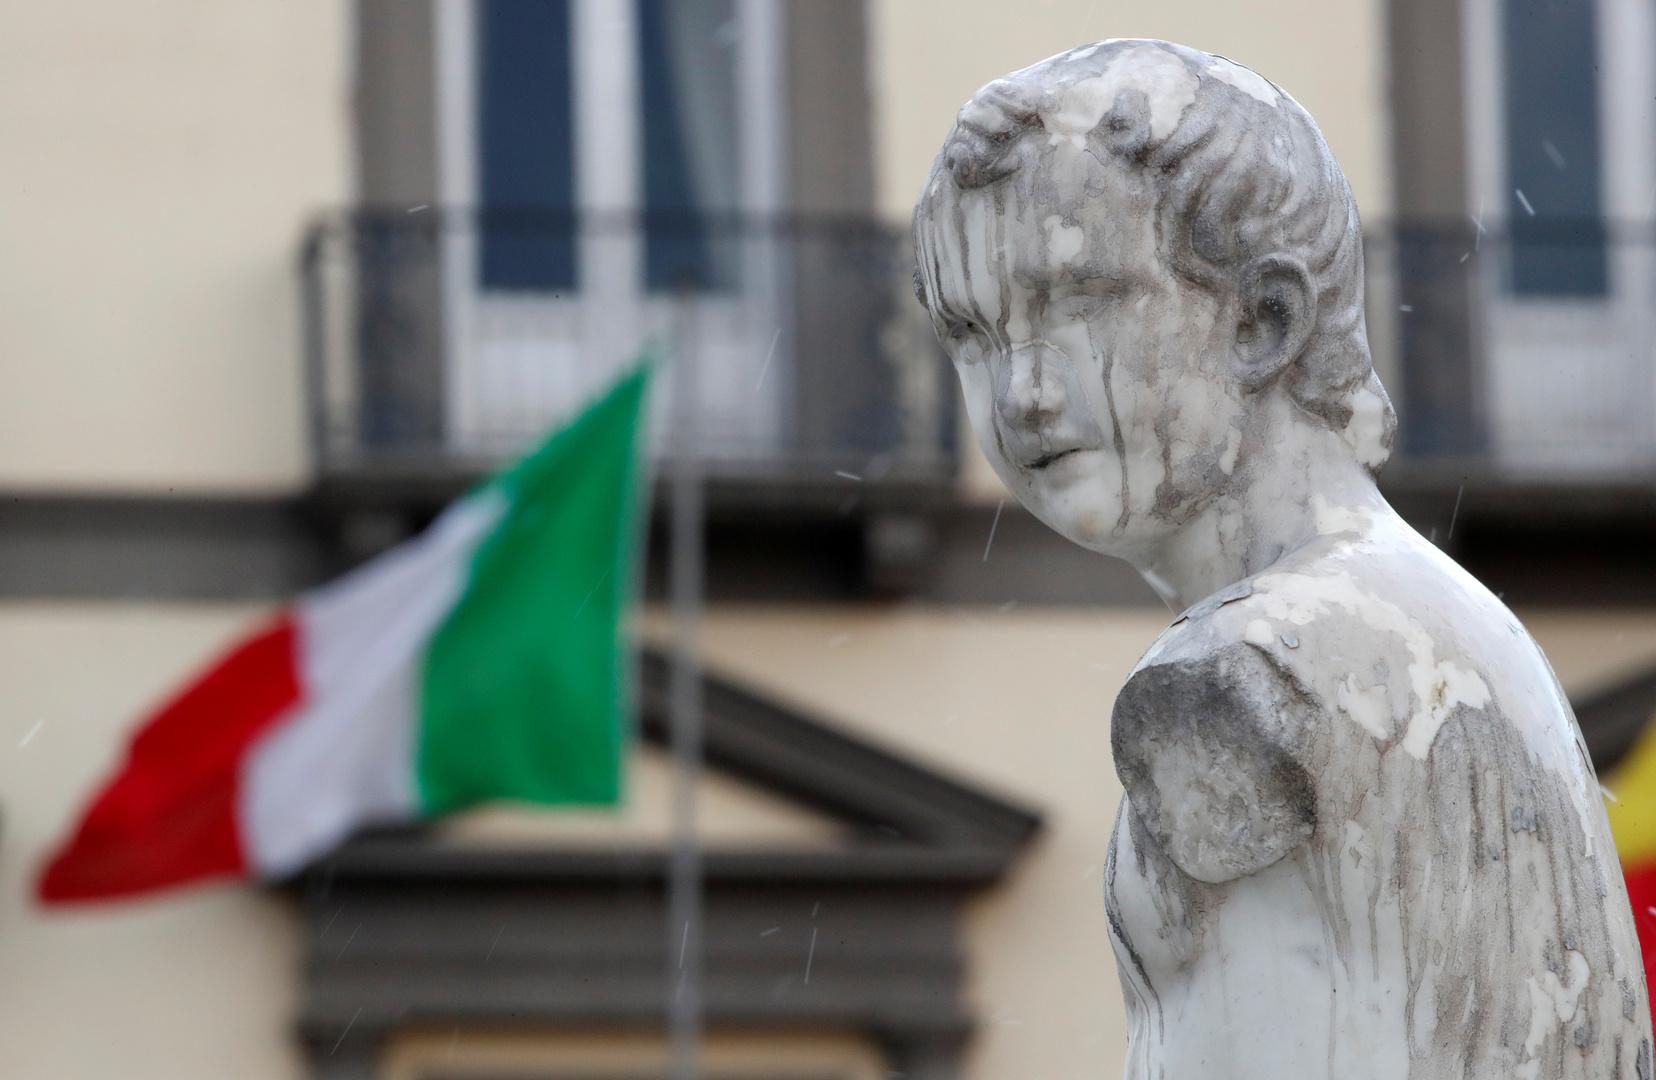 إيطاليا تسجل أقل حصيلة يومية لوفيات كورونا خلال أسبوعين